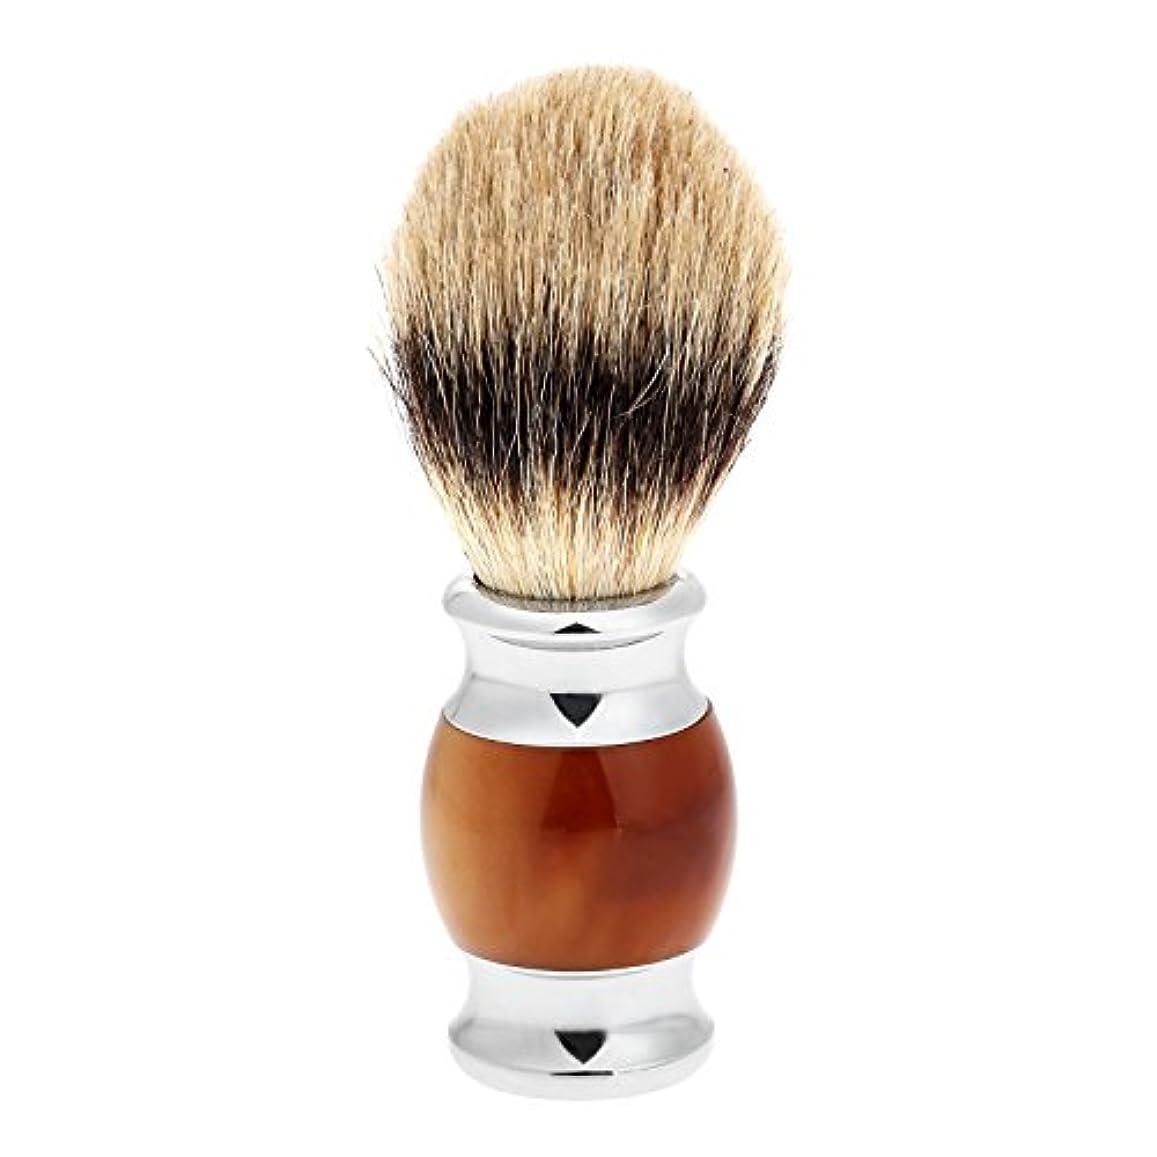 直径司書サスティーン1PC メンズ ひげブラシ アナグマ毛 シェービングブラシ バーバー シェービング用ブラシ 理容 洗顔 髭剃り